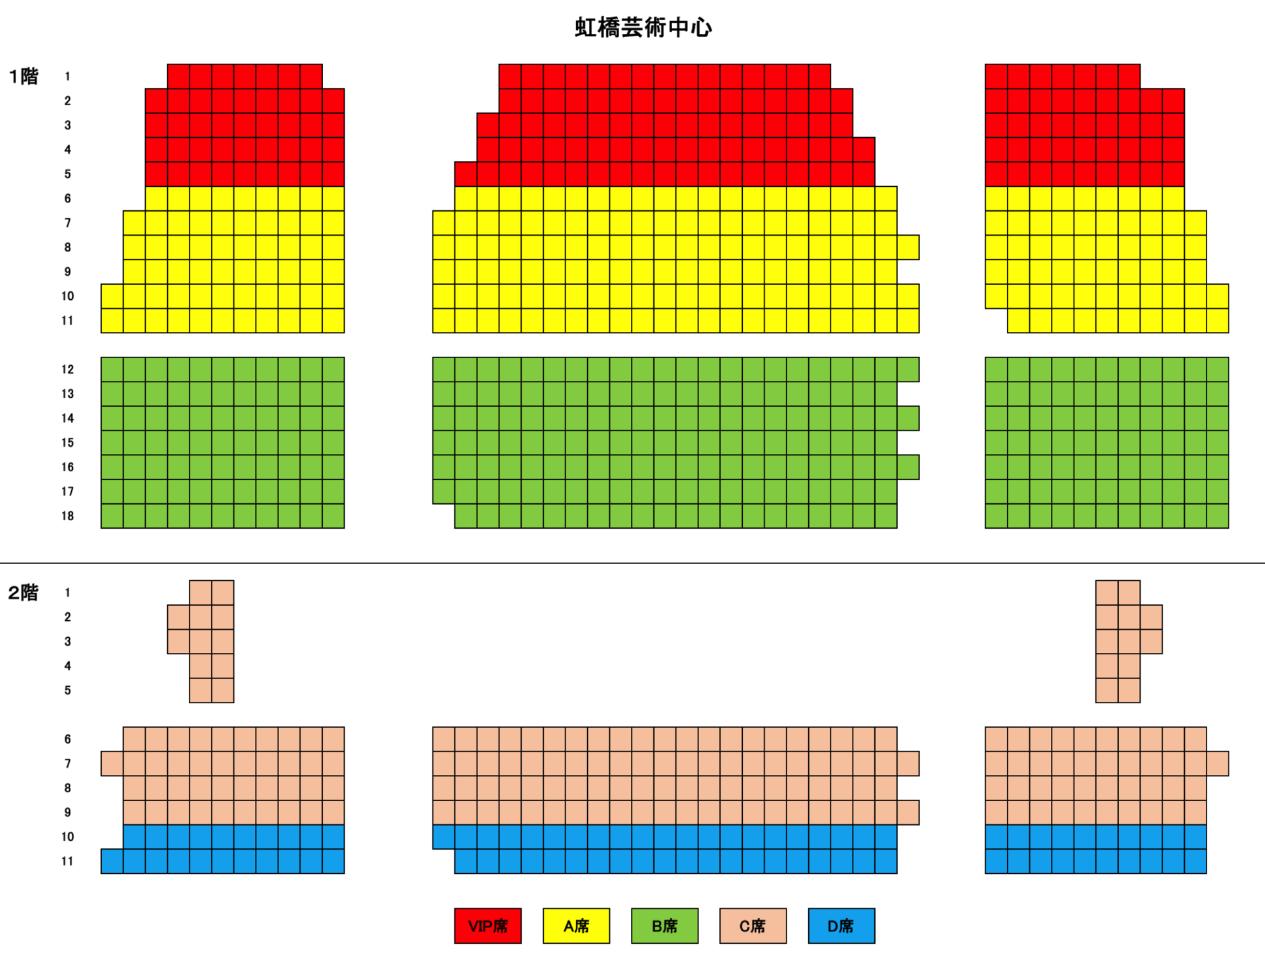 虹橋芸術中心座席表